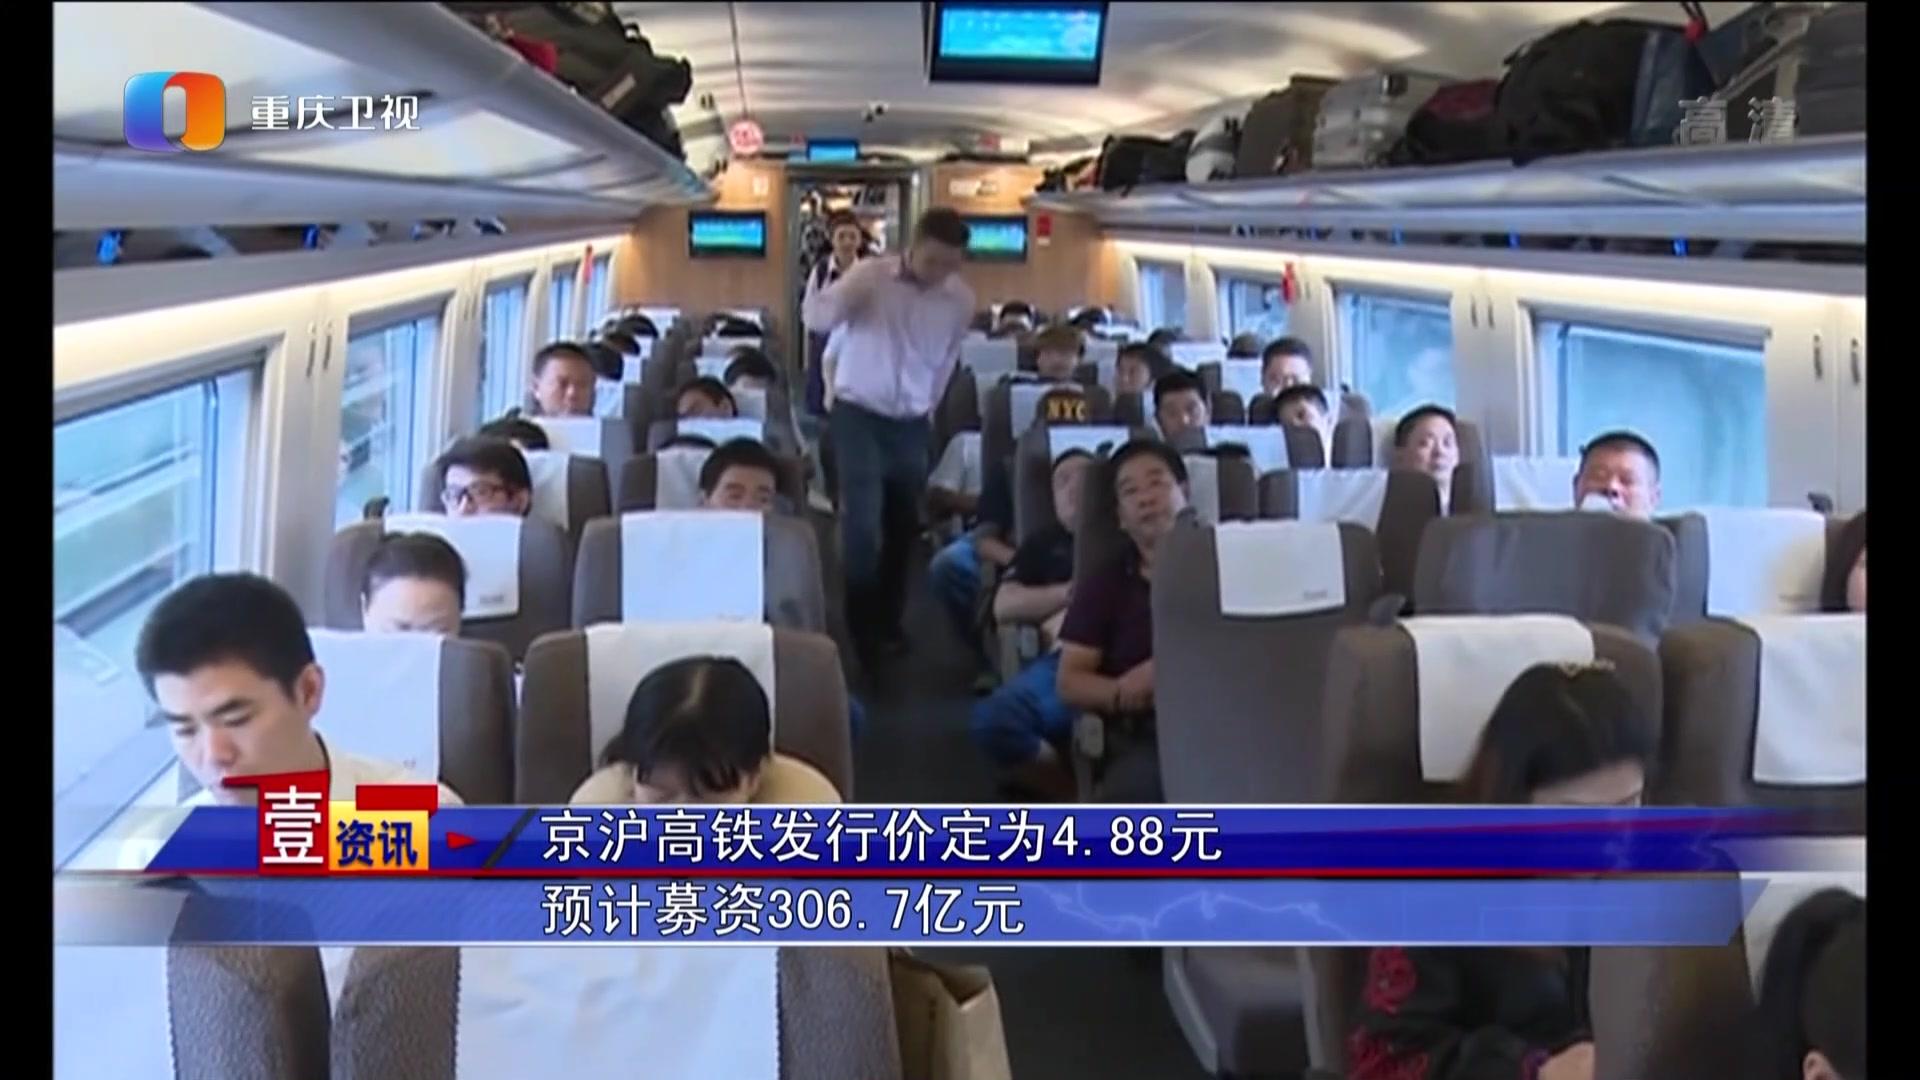 京沪高铁发行价定为4.88元 预计募资306.7亿元(重庆台)